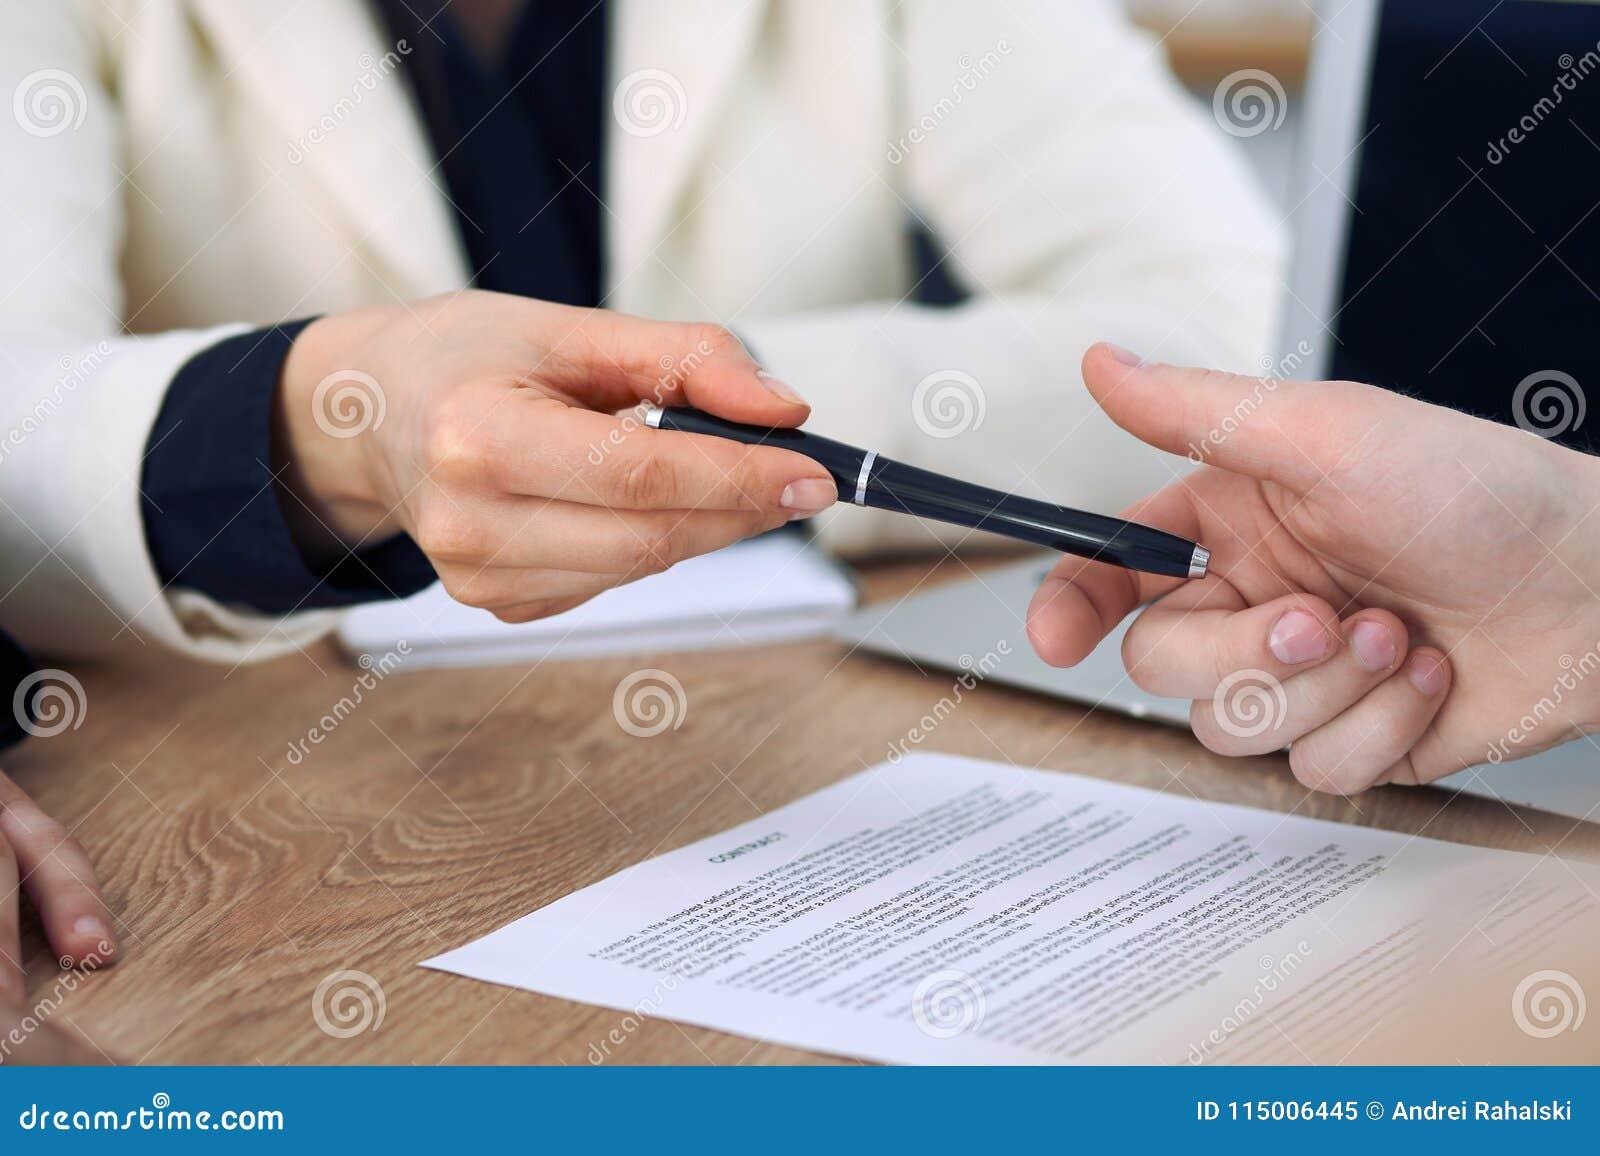 Επιχειρησιακή γυναίκα που δίνει τη μάνδρα στον επιχειρηματία έτοιμο να υπογράψει τη σύμβαση Επικοινωνία επιτυχίας στη συνεδρίαση